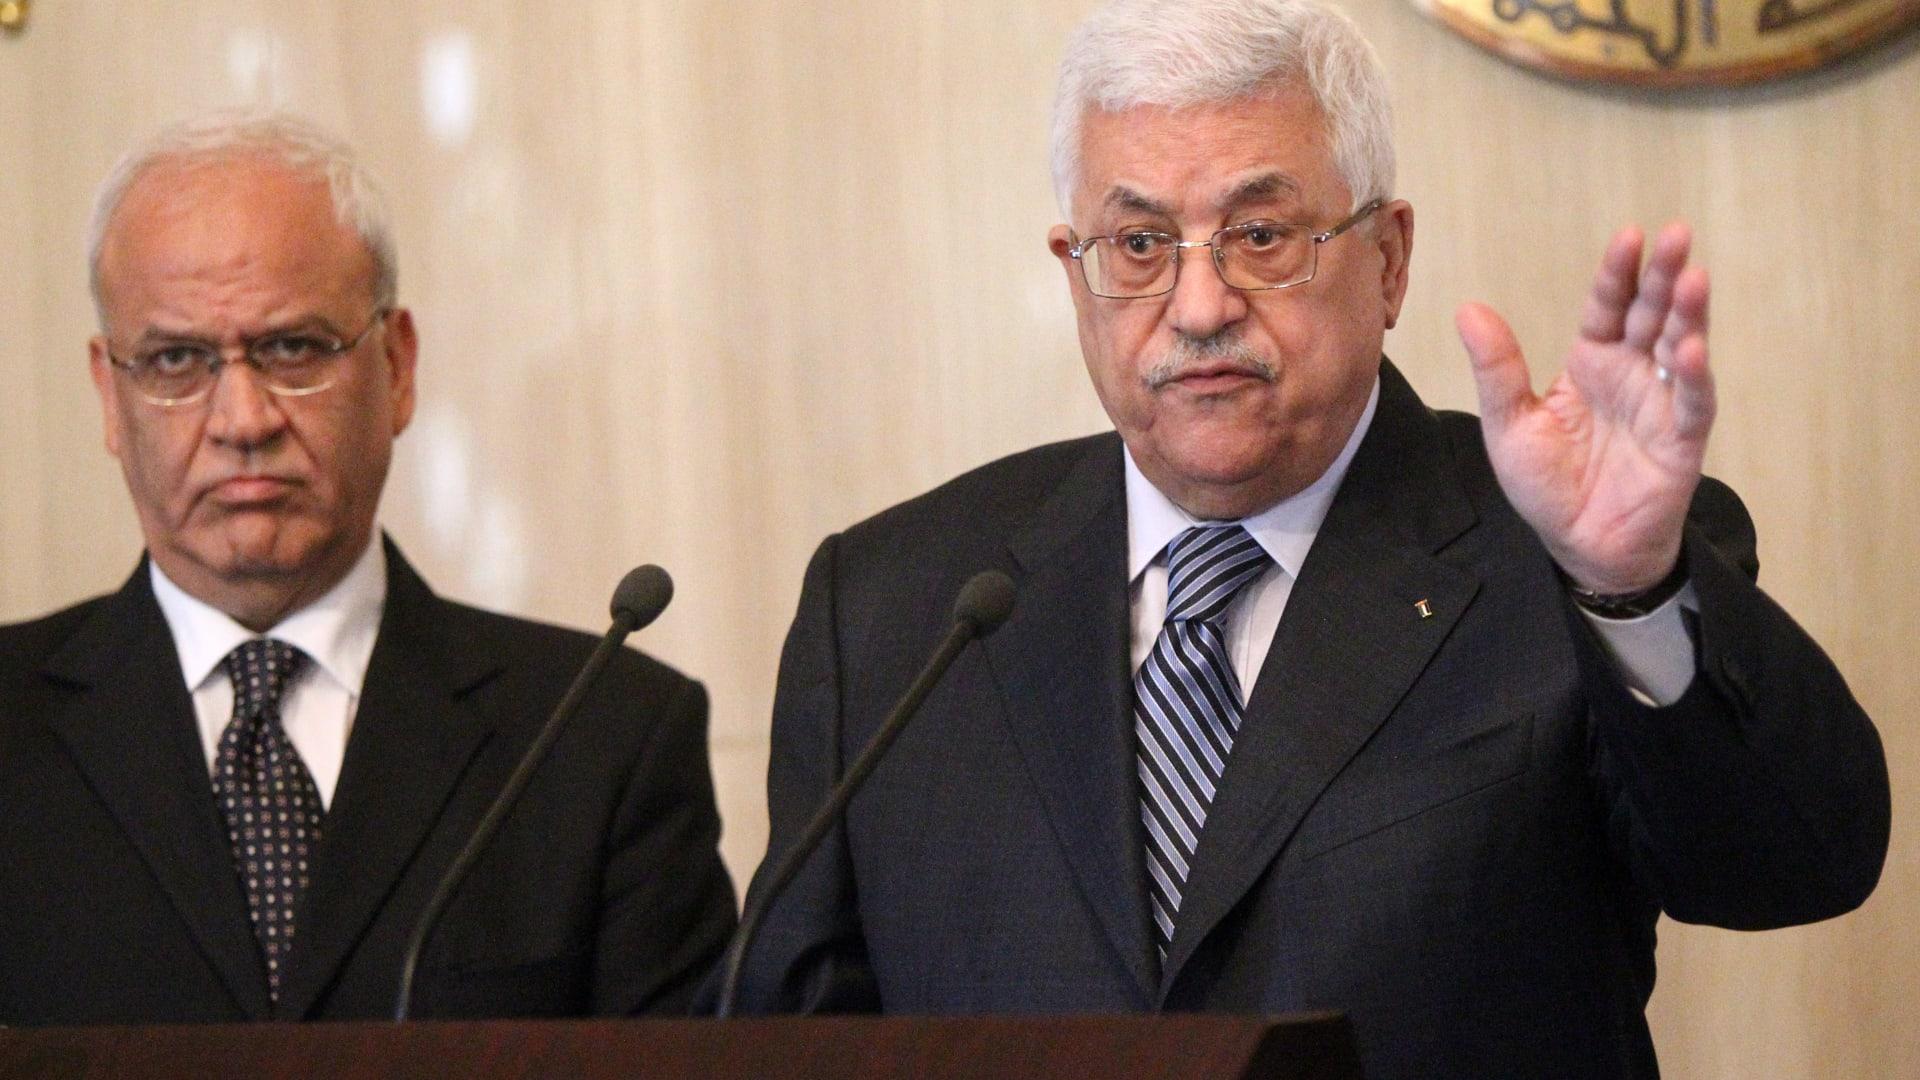 """وفاة صائب عريقات.. الرجل الذي لم يتخل عن """"المهمة المستحيلة"""" في الصراع الإسرائيلي-الفلسطيني"""